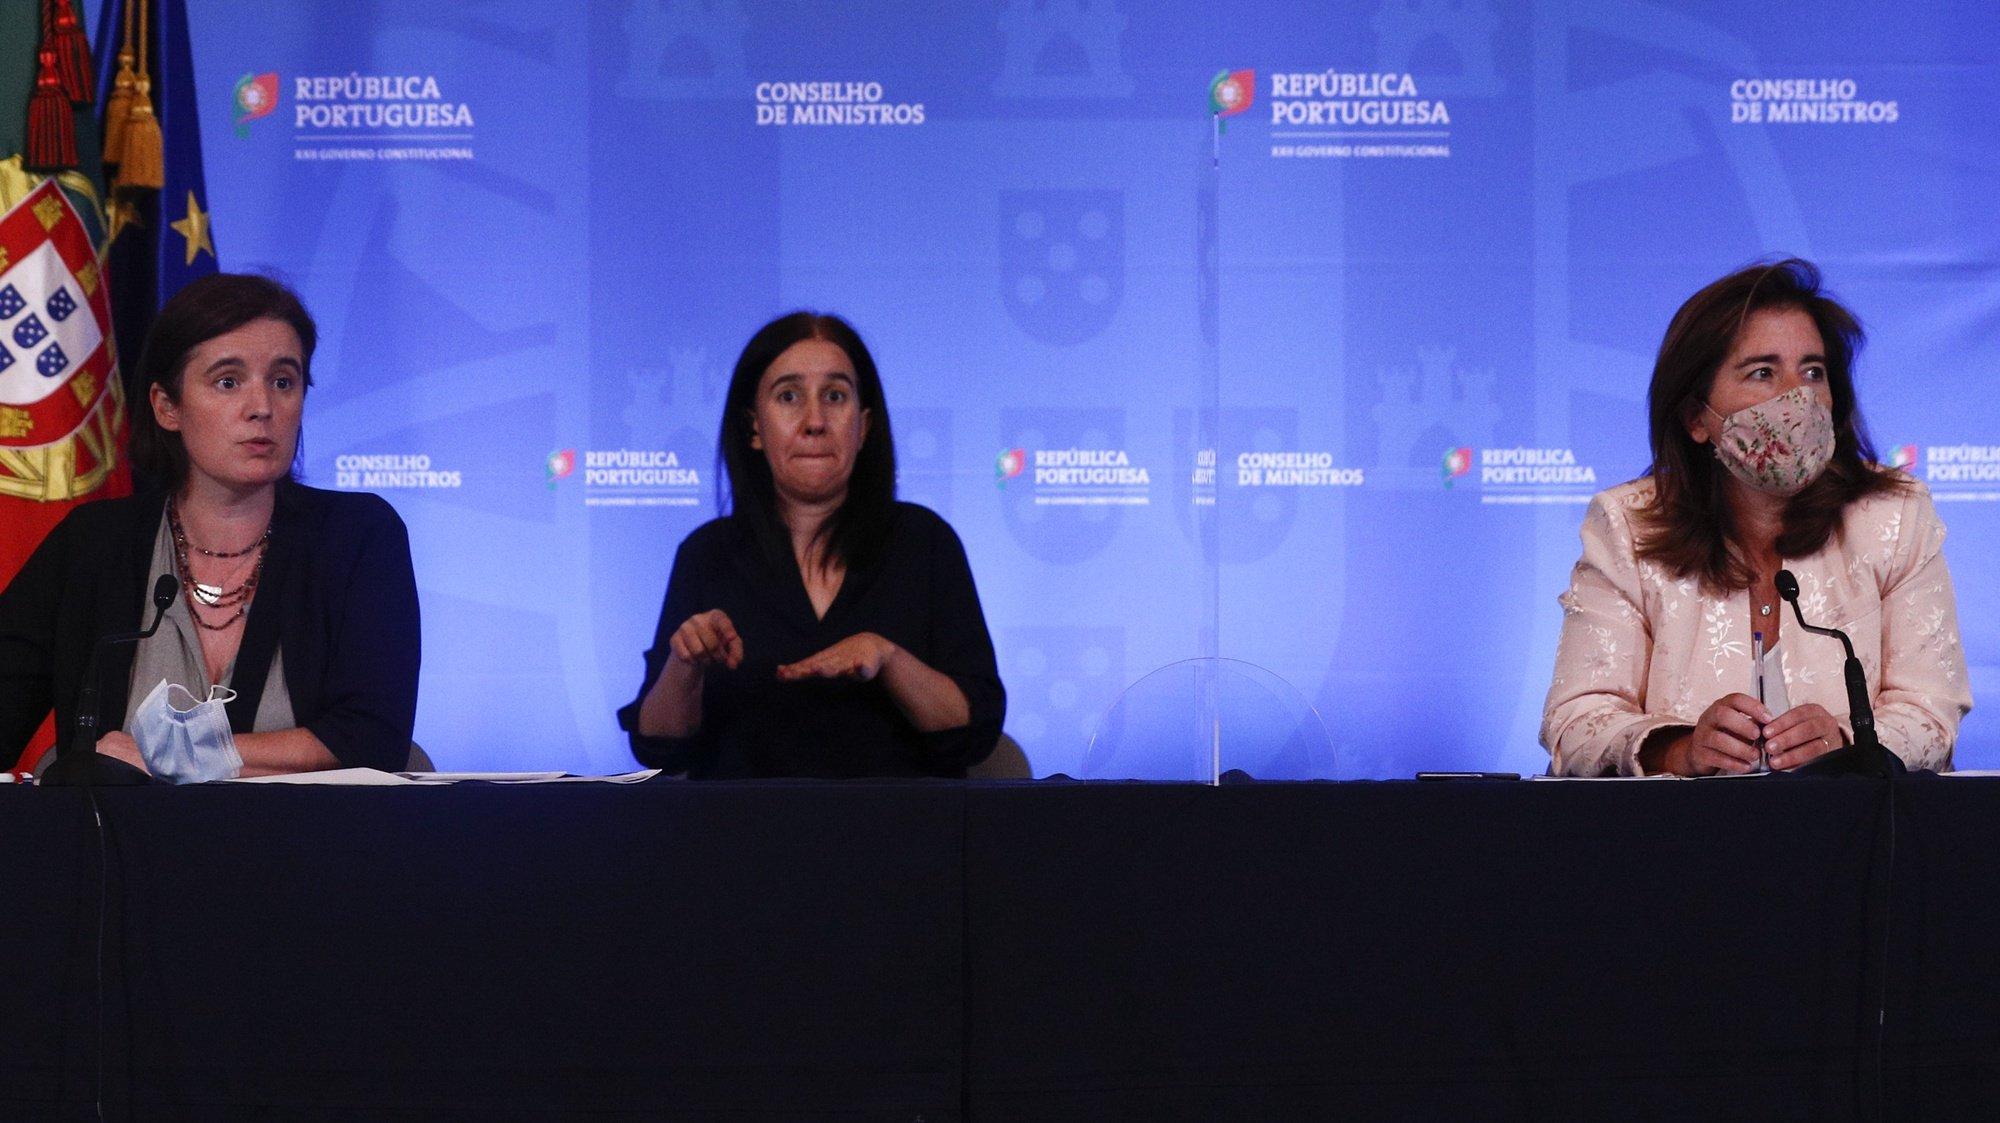 A ministra da Presidência e da Modernização Administrativa, Mariana Vieira da Silva, acompanhada pela ministra do Trabalho e da Segurança Social, Ana Mendes Godinho (D), durante a conferência de imprensa no final da reunião do Conselho de Ministros, que decorreu no Palácio da Ajuda, em Lisboa, 01 de julho de 2021. ANTÓNIO COTRIM/LUSA